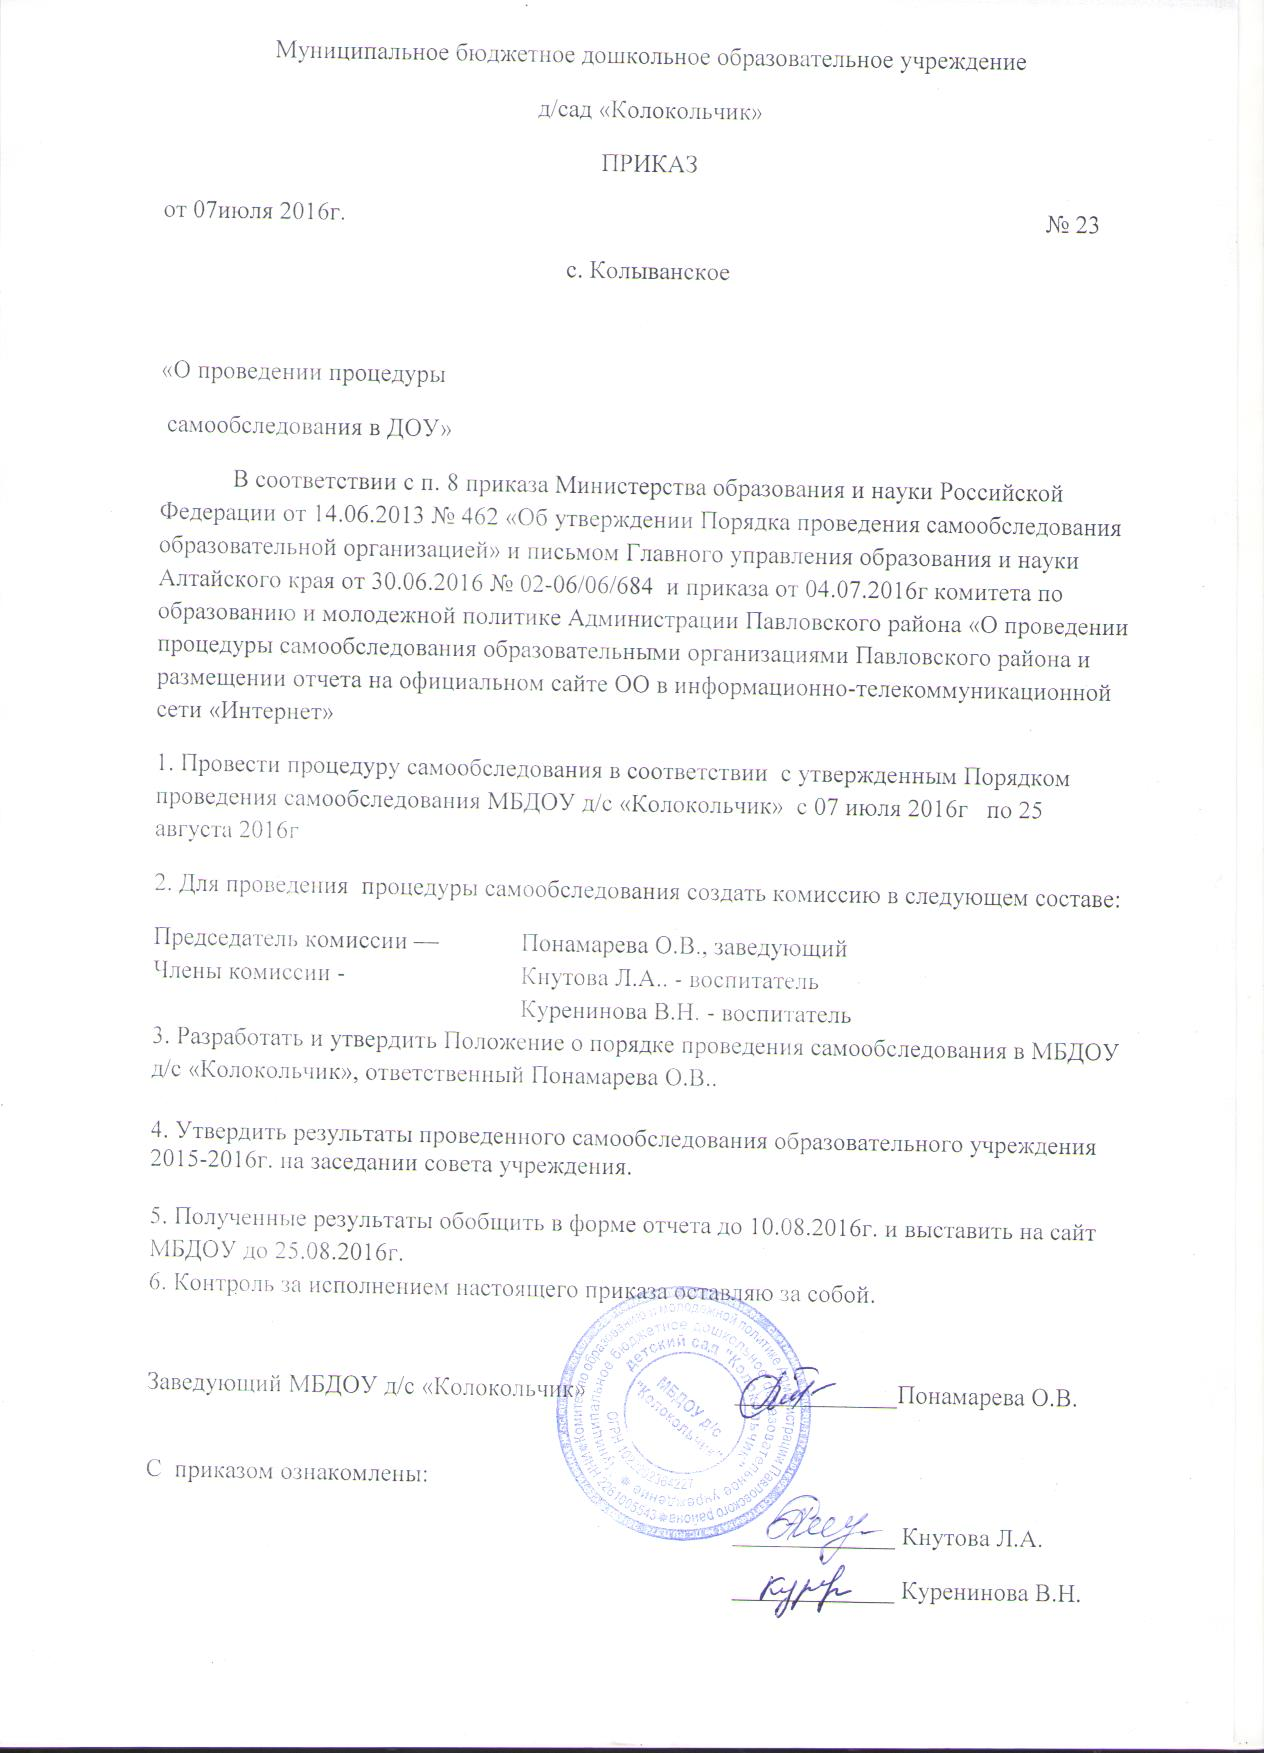 Отчет о результатах самообследования — мб доу «детский сад № 131».